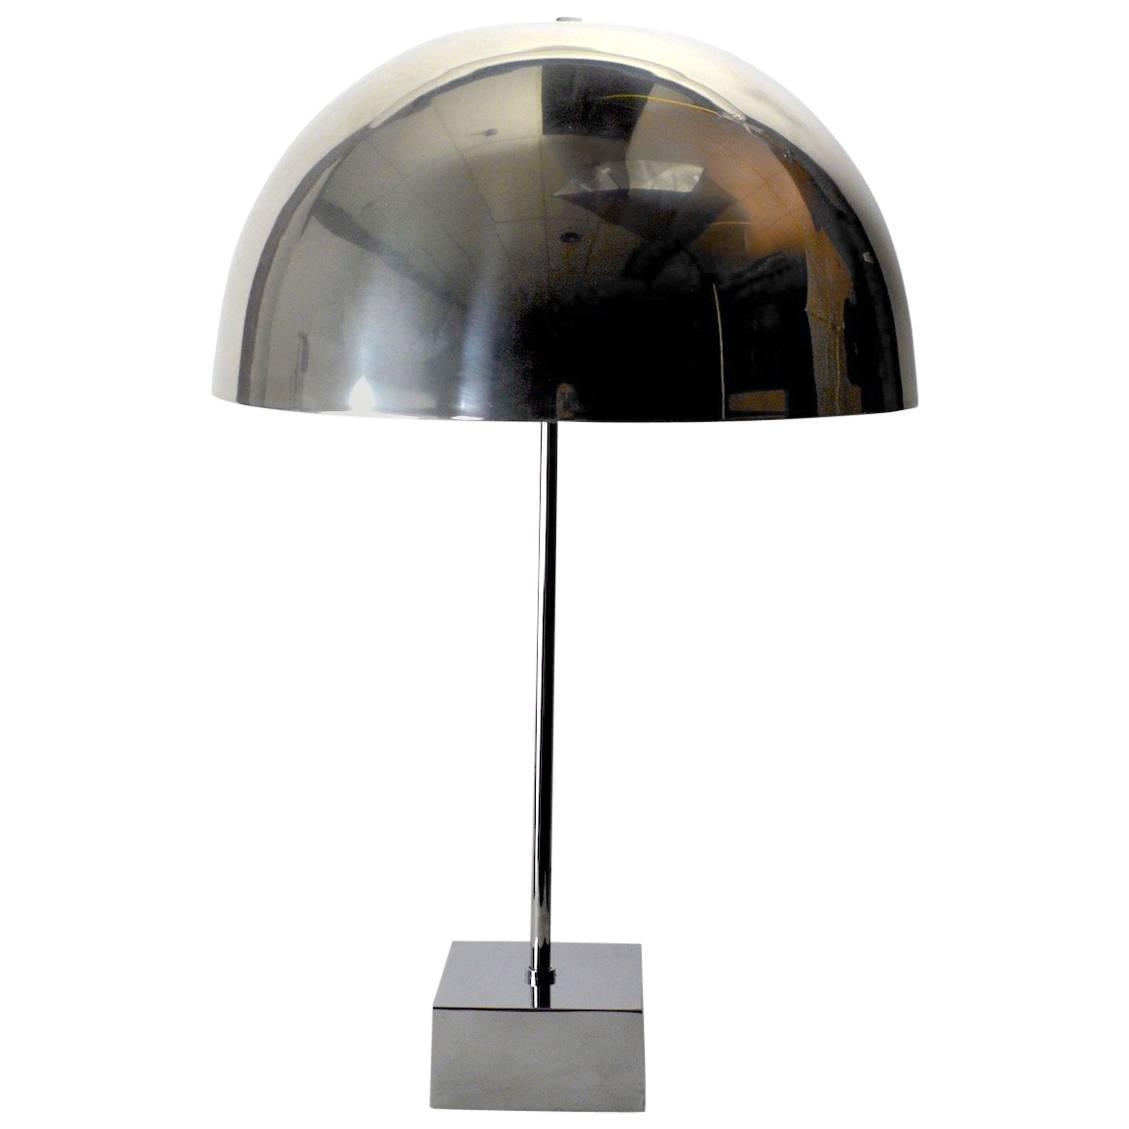 Perfect Chrome Mushroom Lamp By Paul Mayen For Habitat